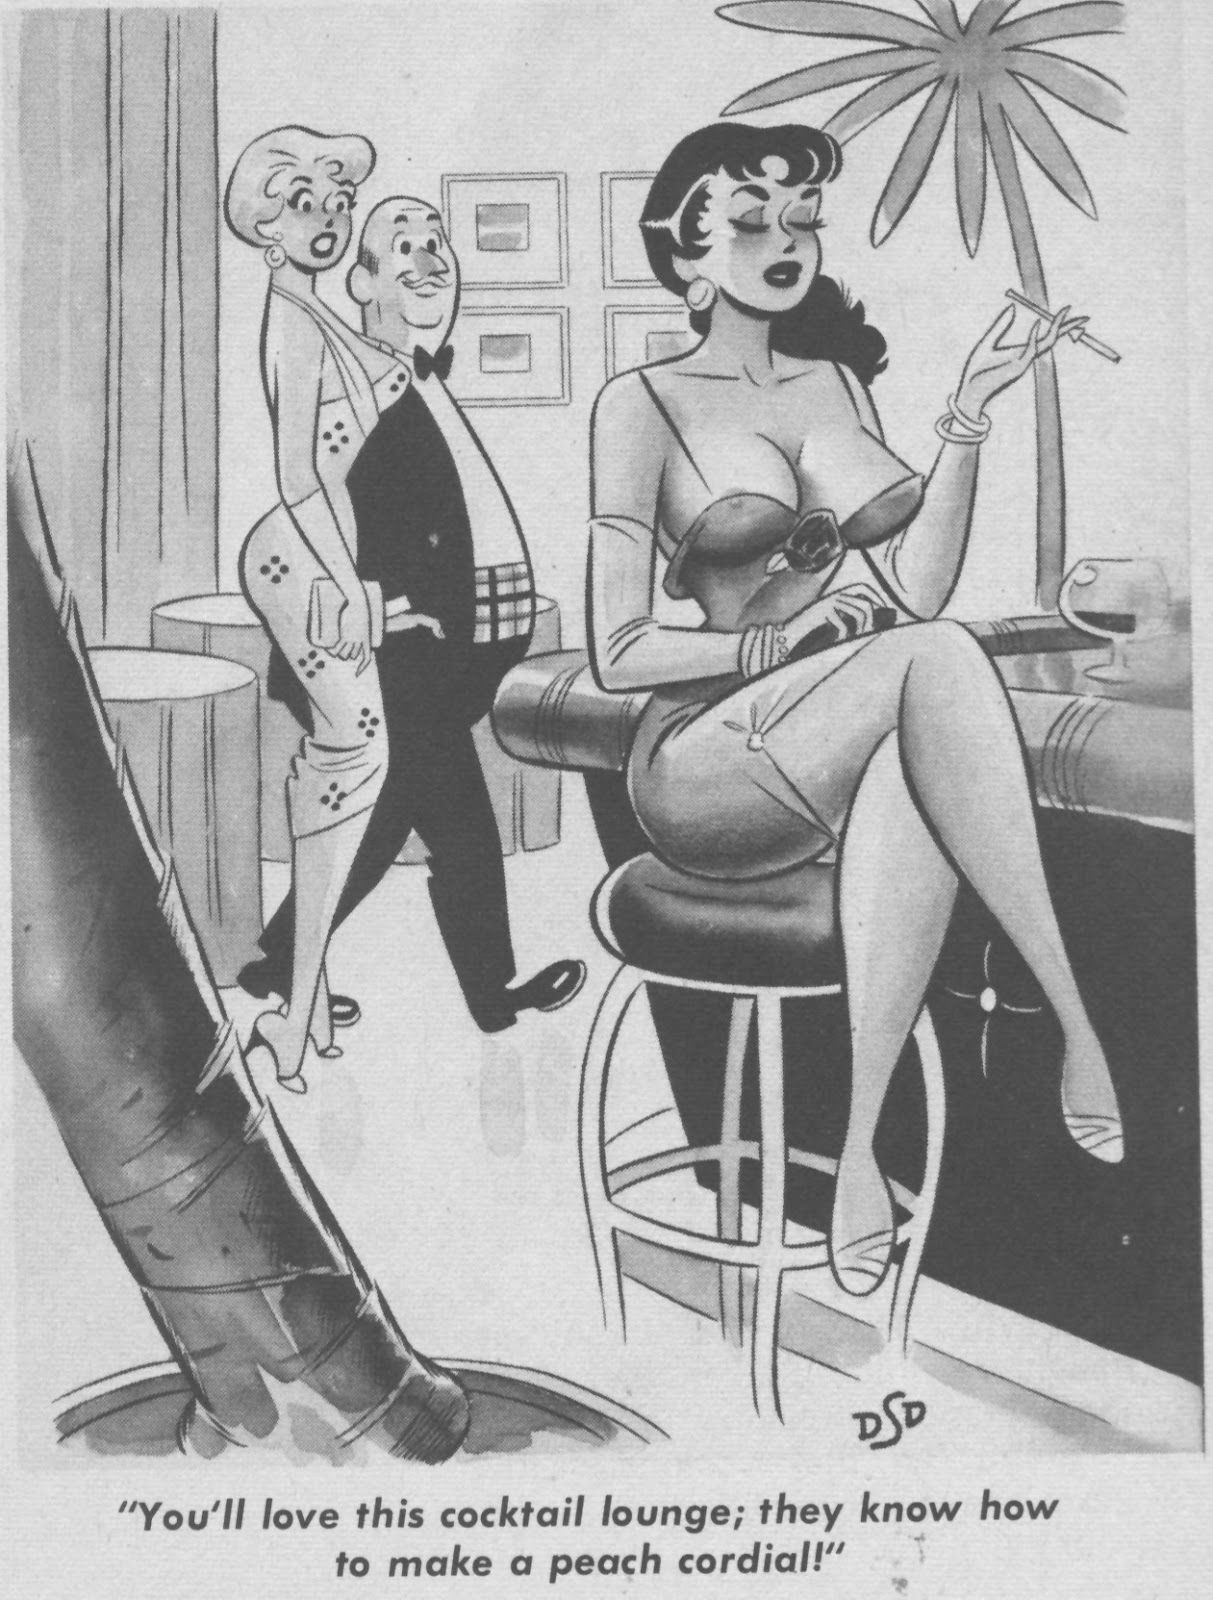 vintage adult cartoons